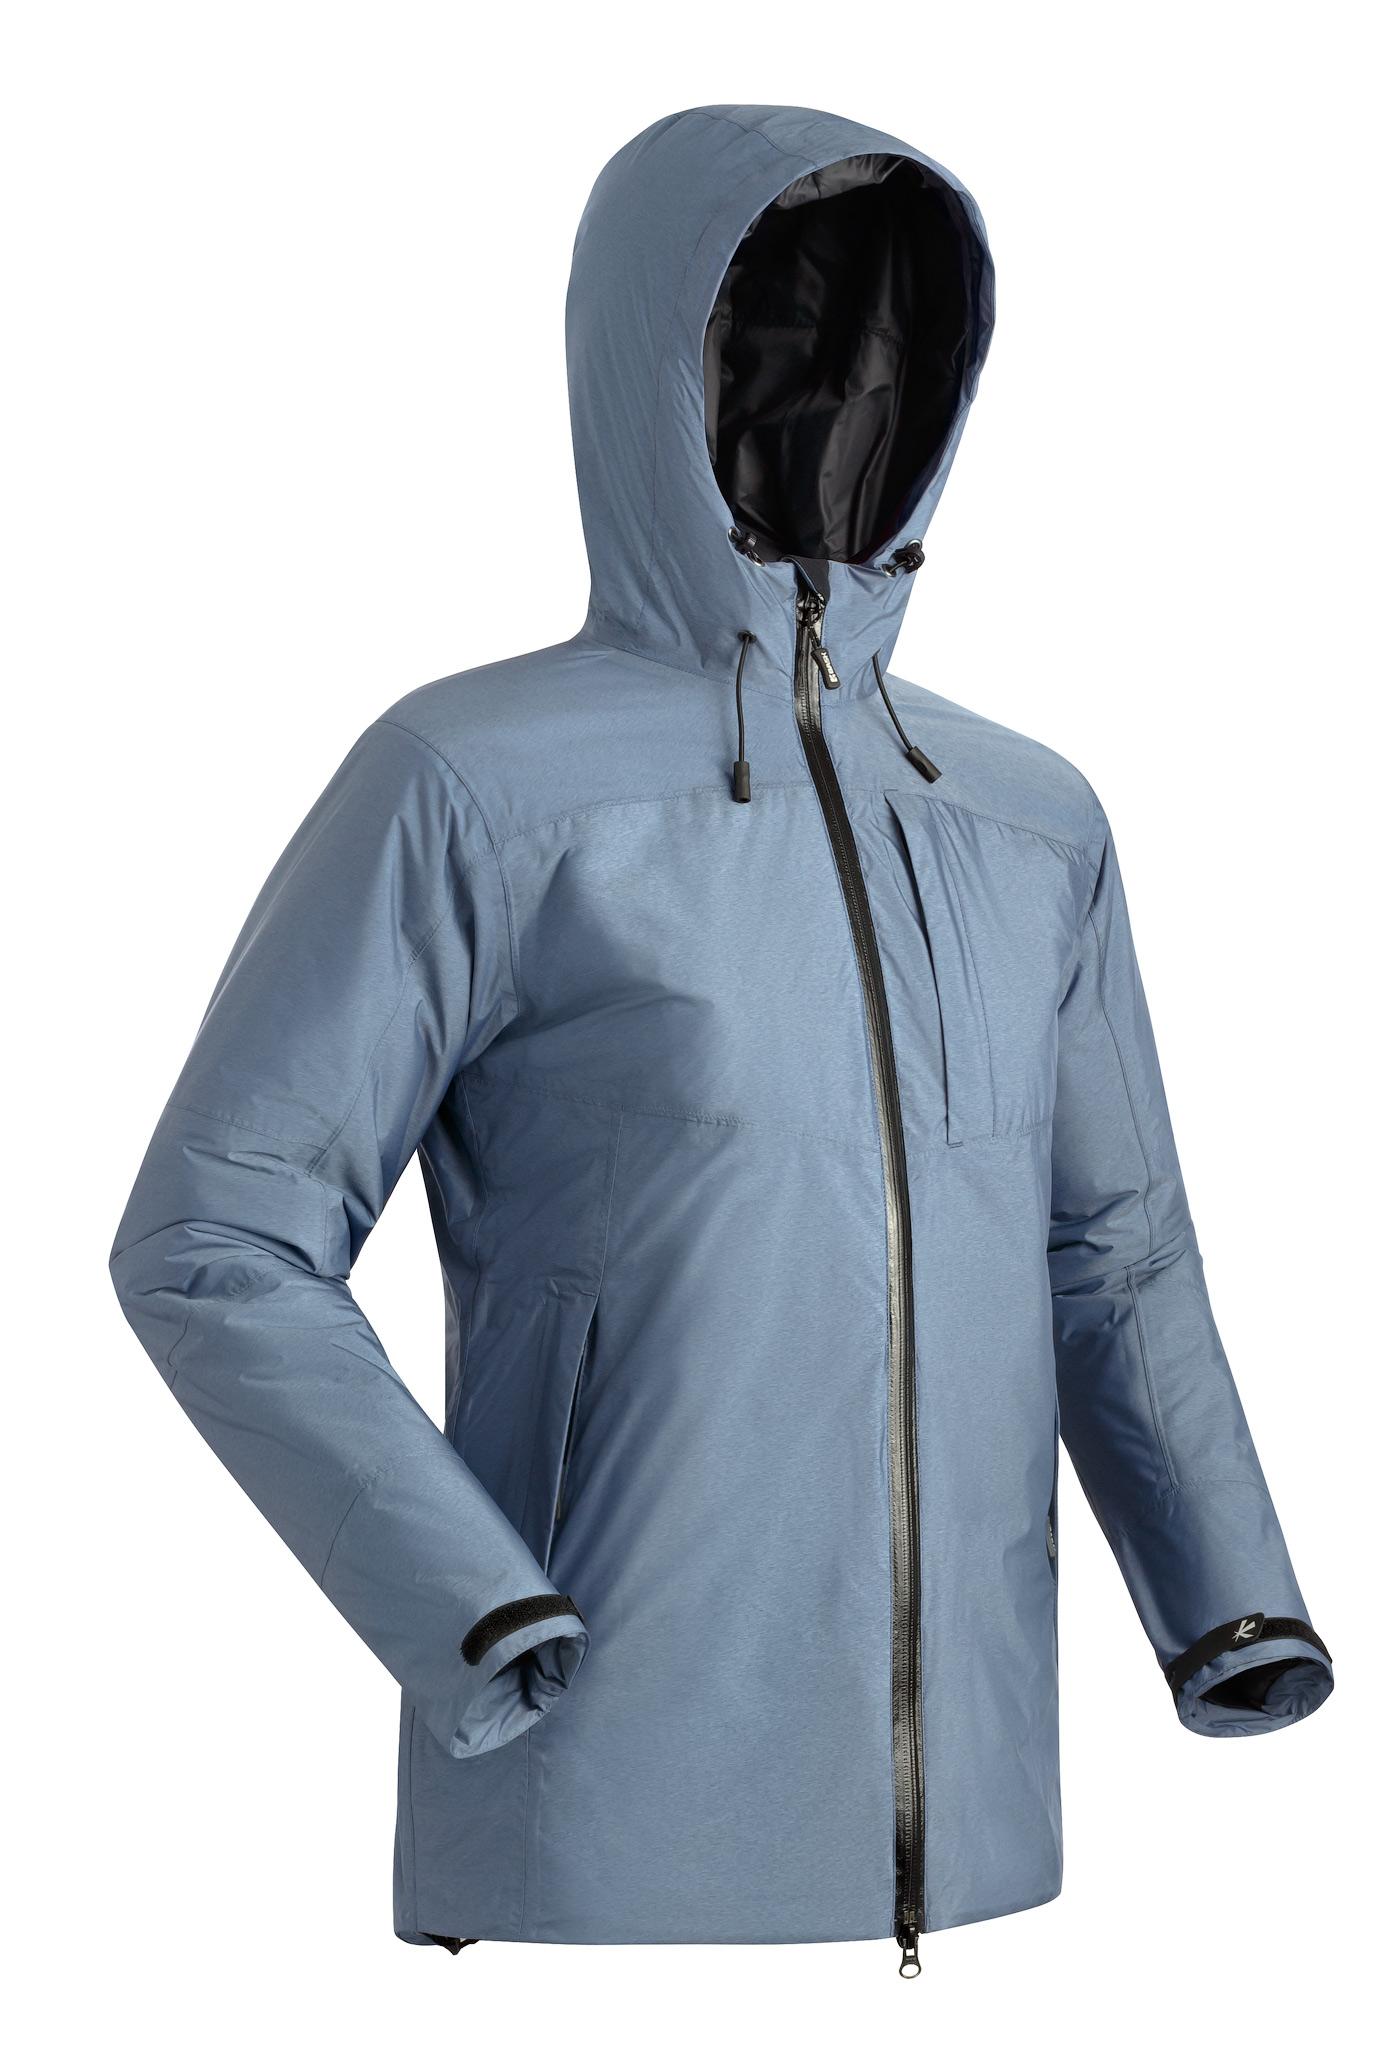 Купить Женская куртка BASK NARA LADY проклеенная синий меланж, Компания БАСК